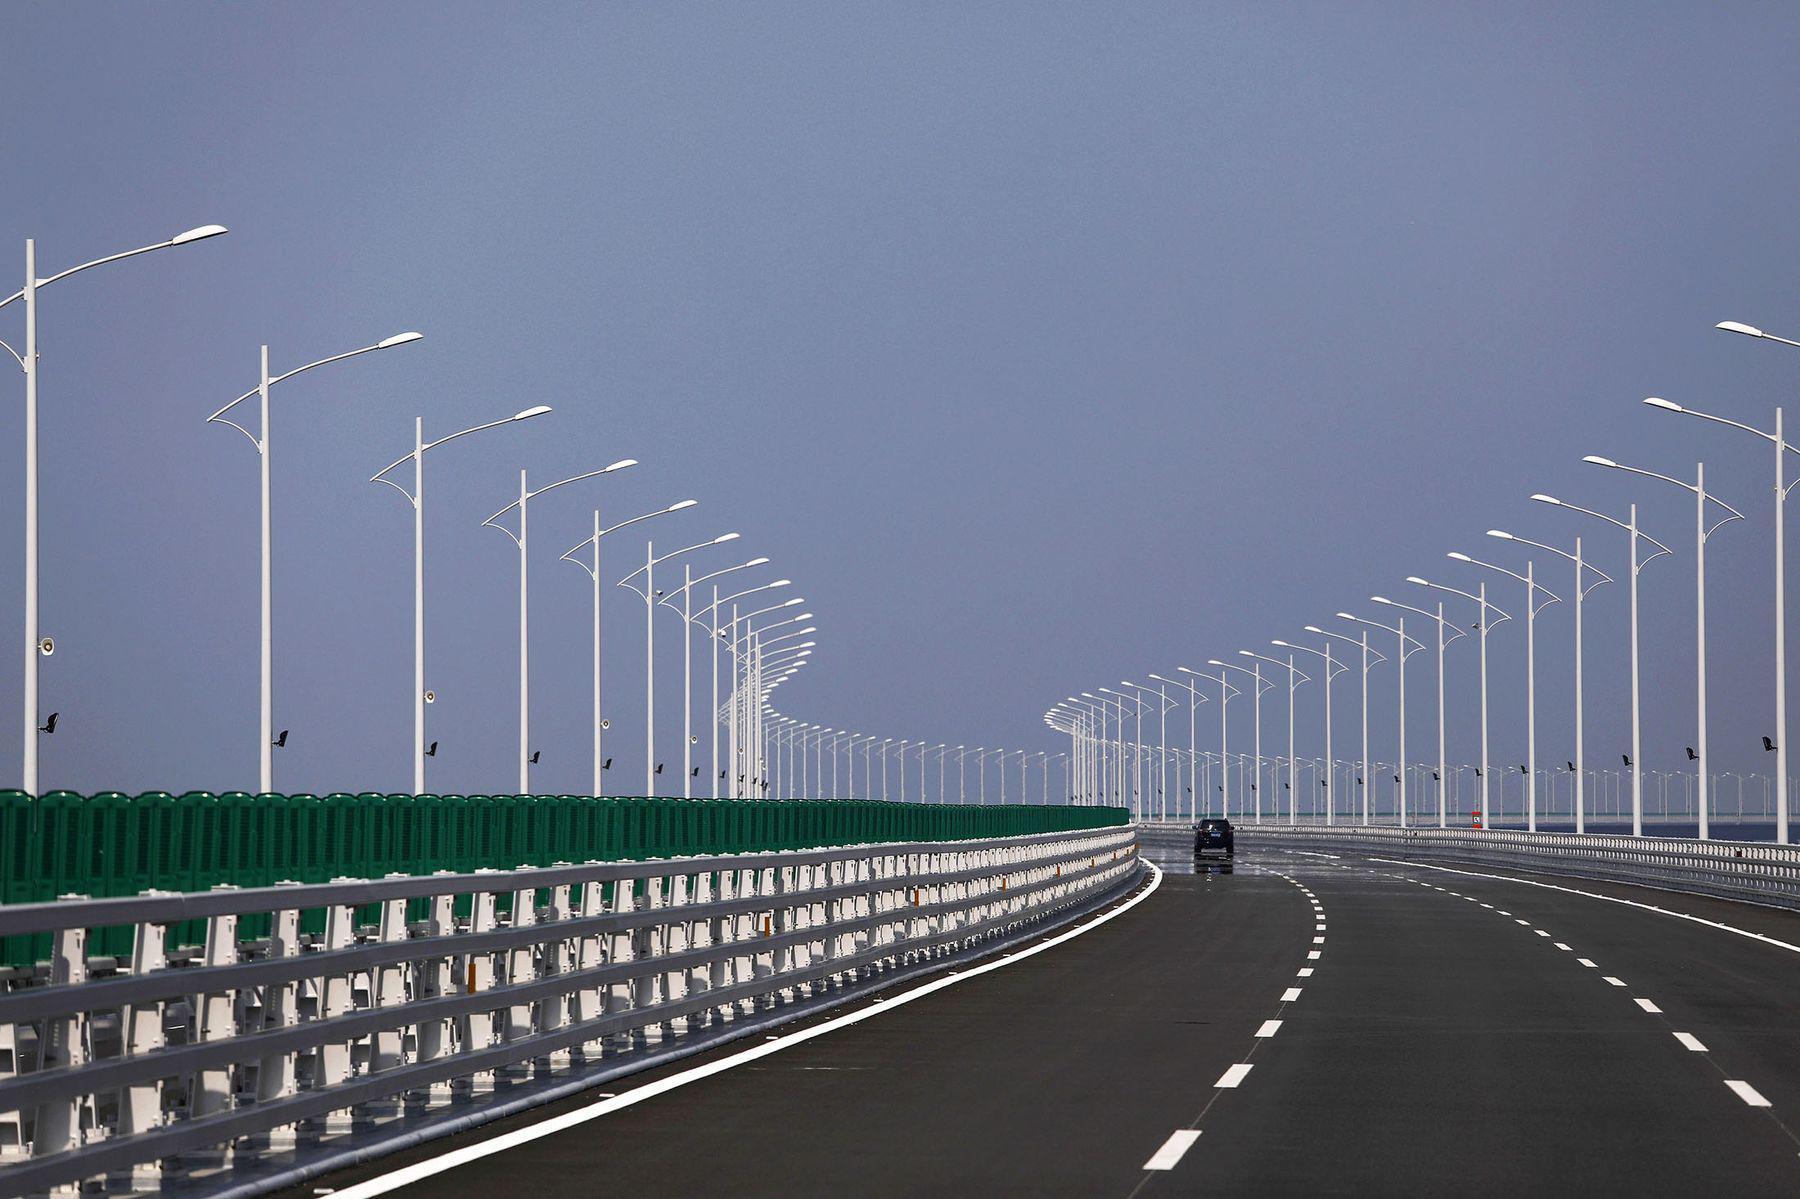 中国斥资千亿元建大桥 寻求打造大湾区与硅谷竞争